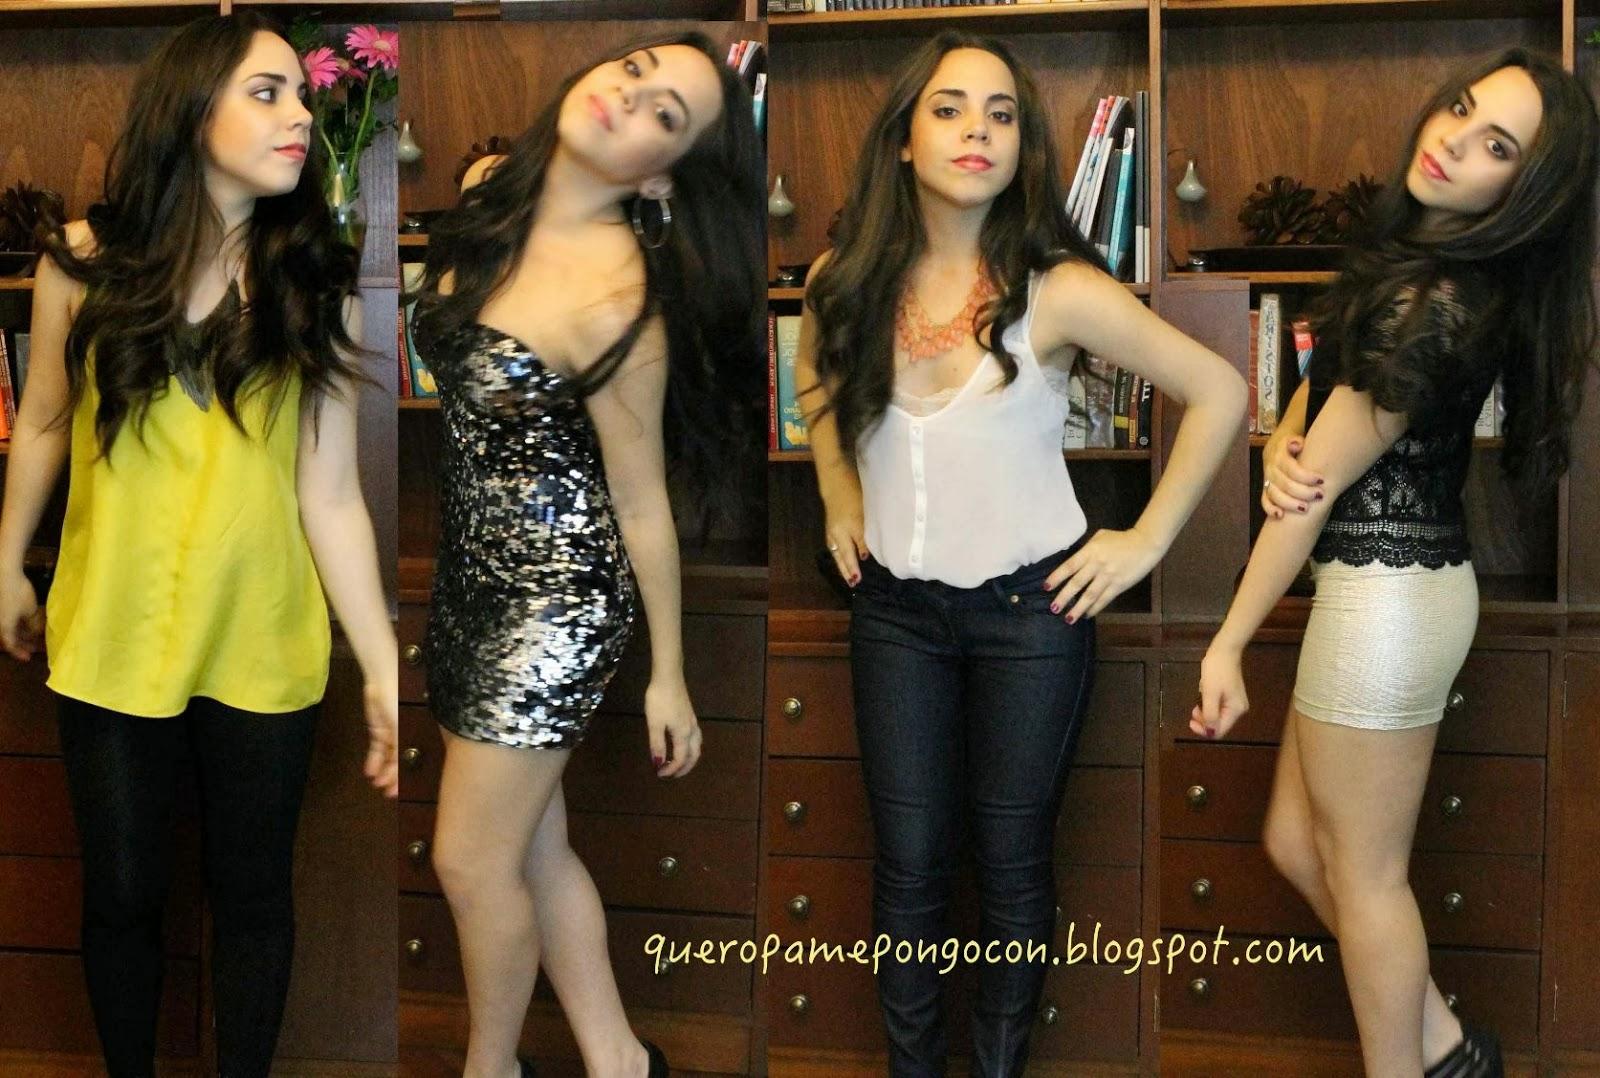 COMO ME VISTO PARA UNA FIESTA INFORMAL - Como debe vestirse una mujer - Outfit para una fiesta informal - Que ropa me pongo para ir a una discoteca